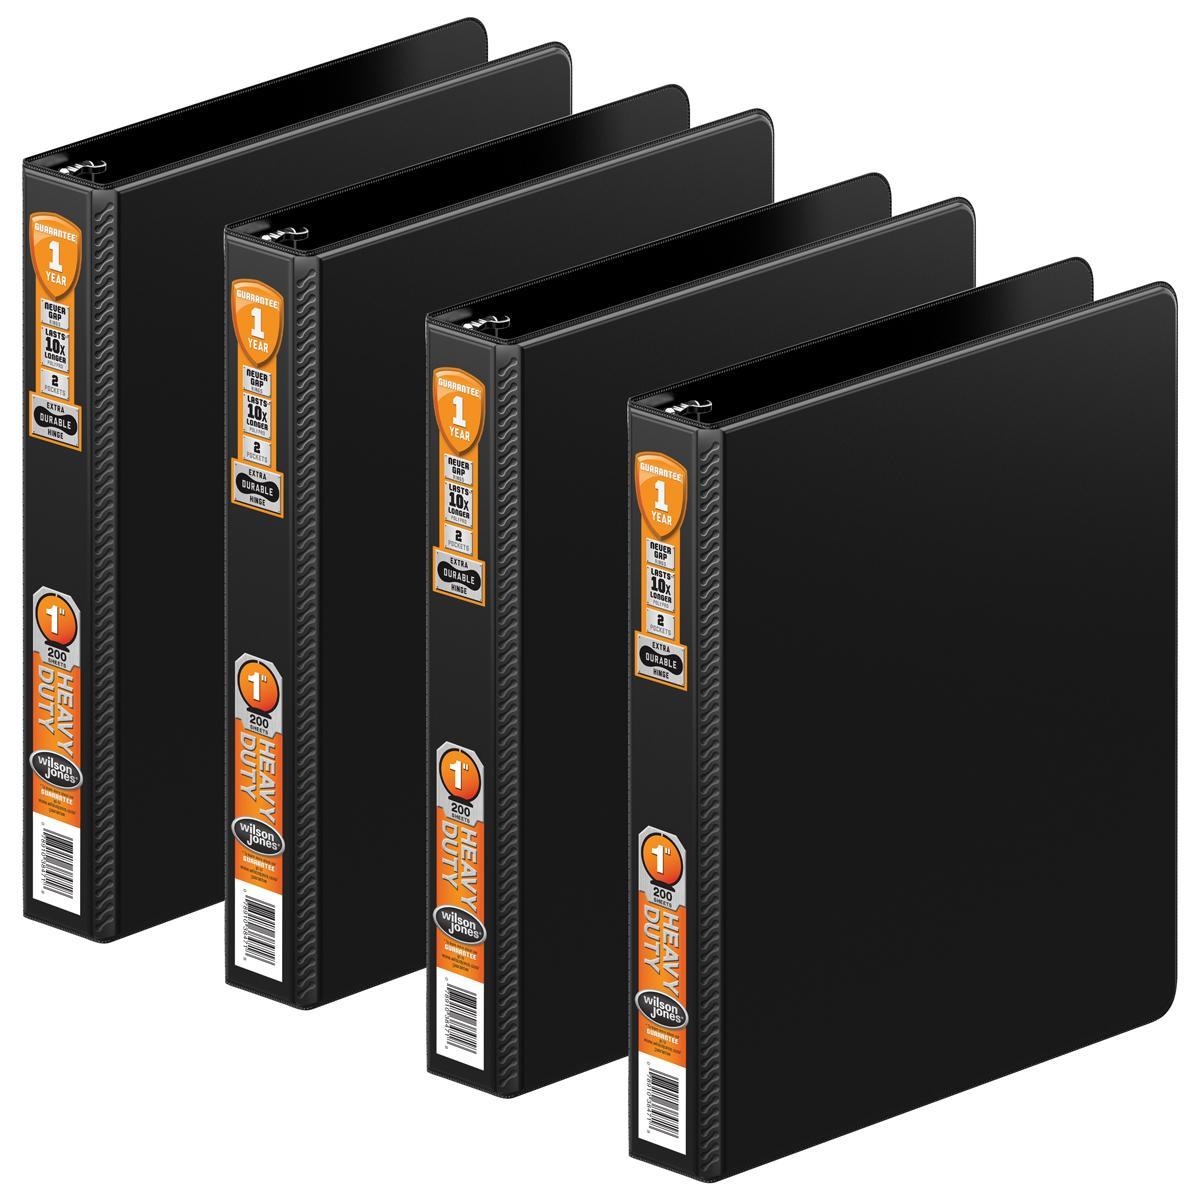 Amazon.com : Wilson Jones Heavy Duty 3 Ring Binder With